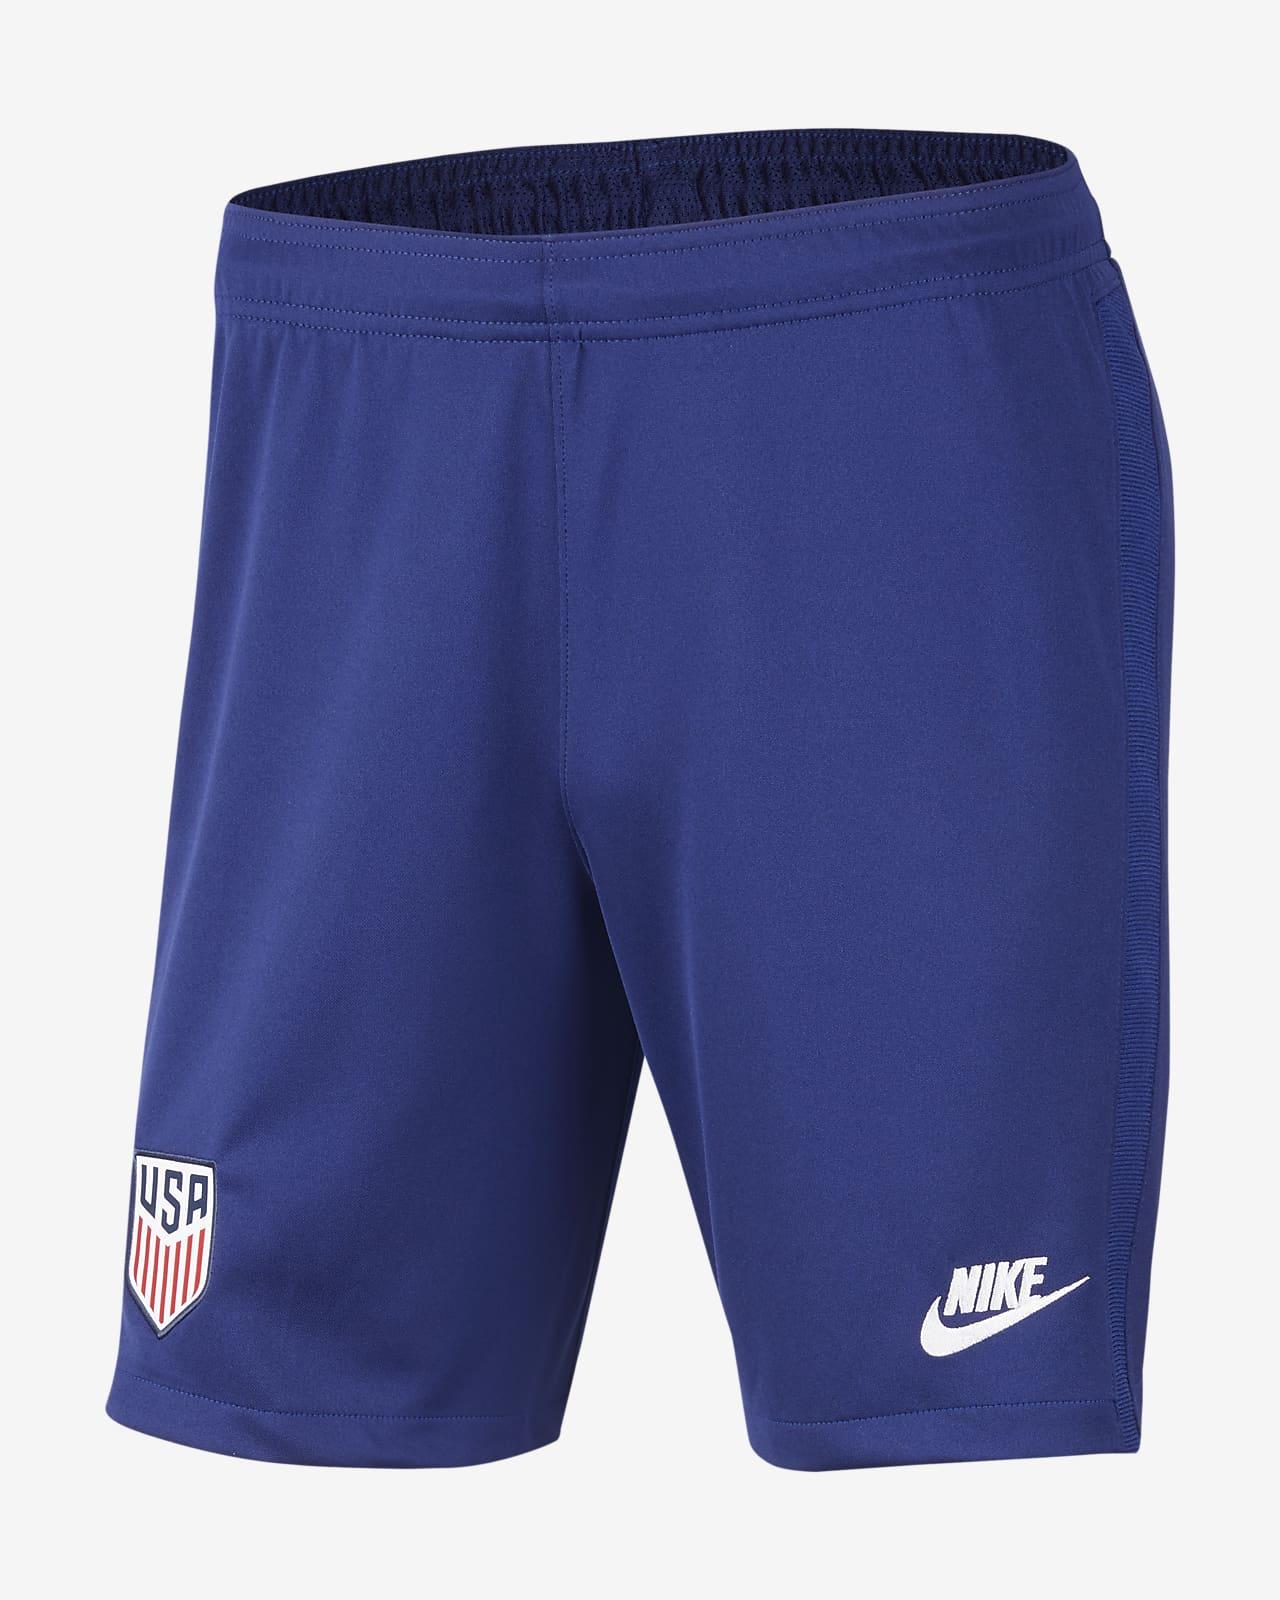 Shorts de fútbol de local/visitante para hombre Stadium de EE. UU. 2020